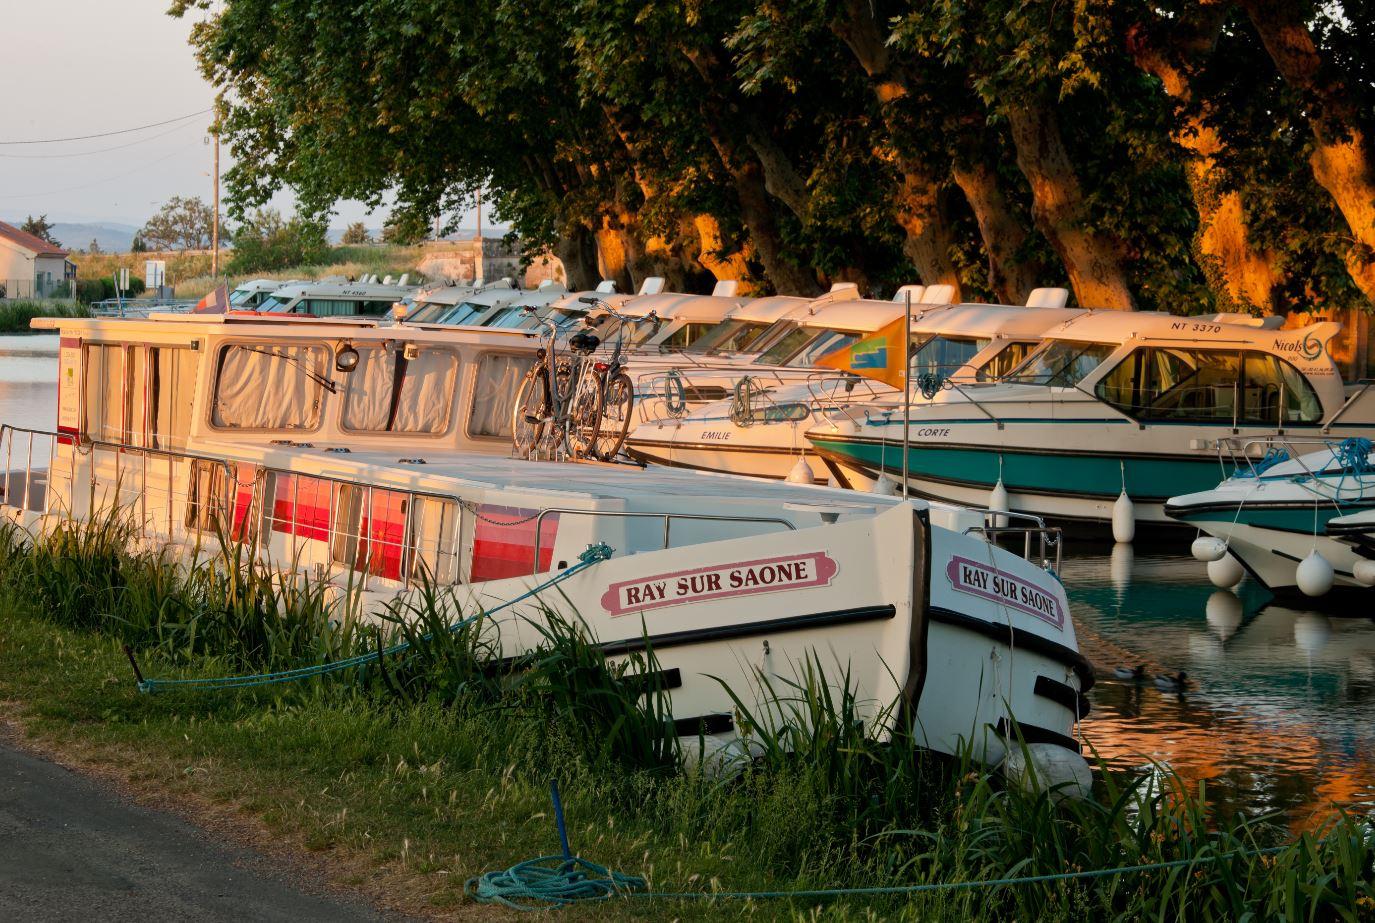 canal du midi - bateaux